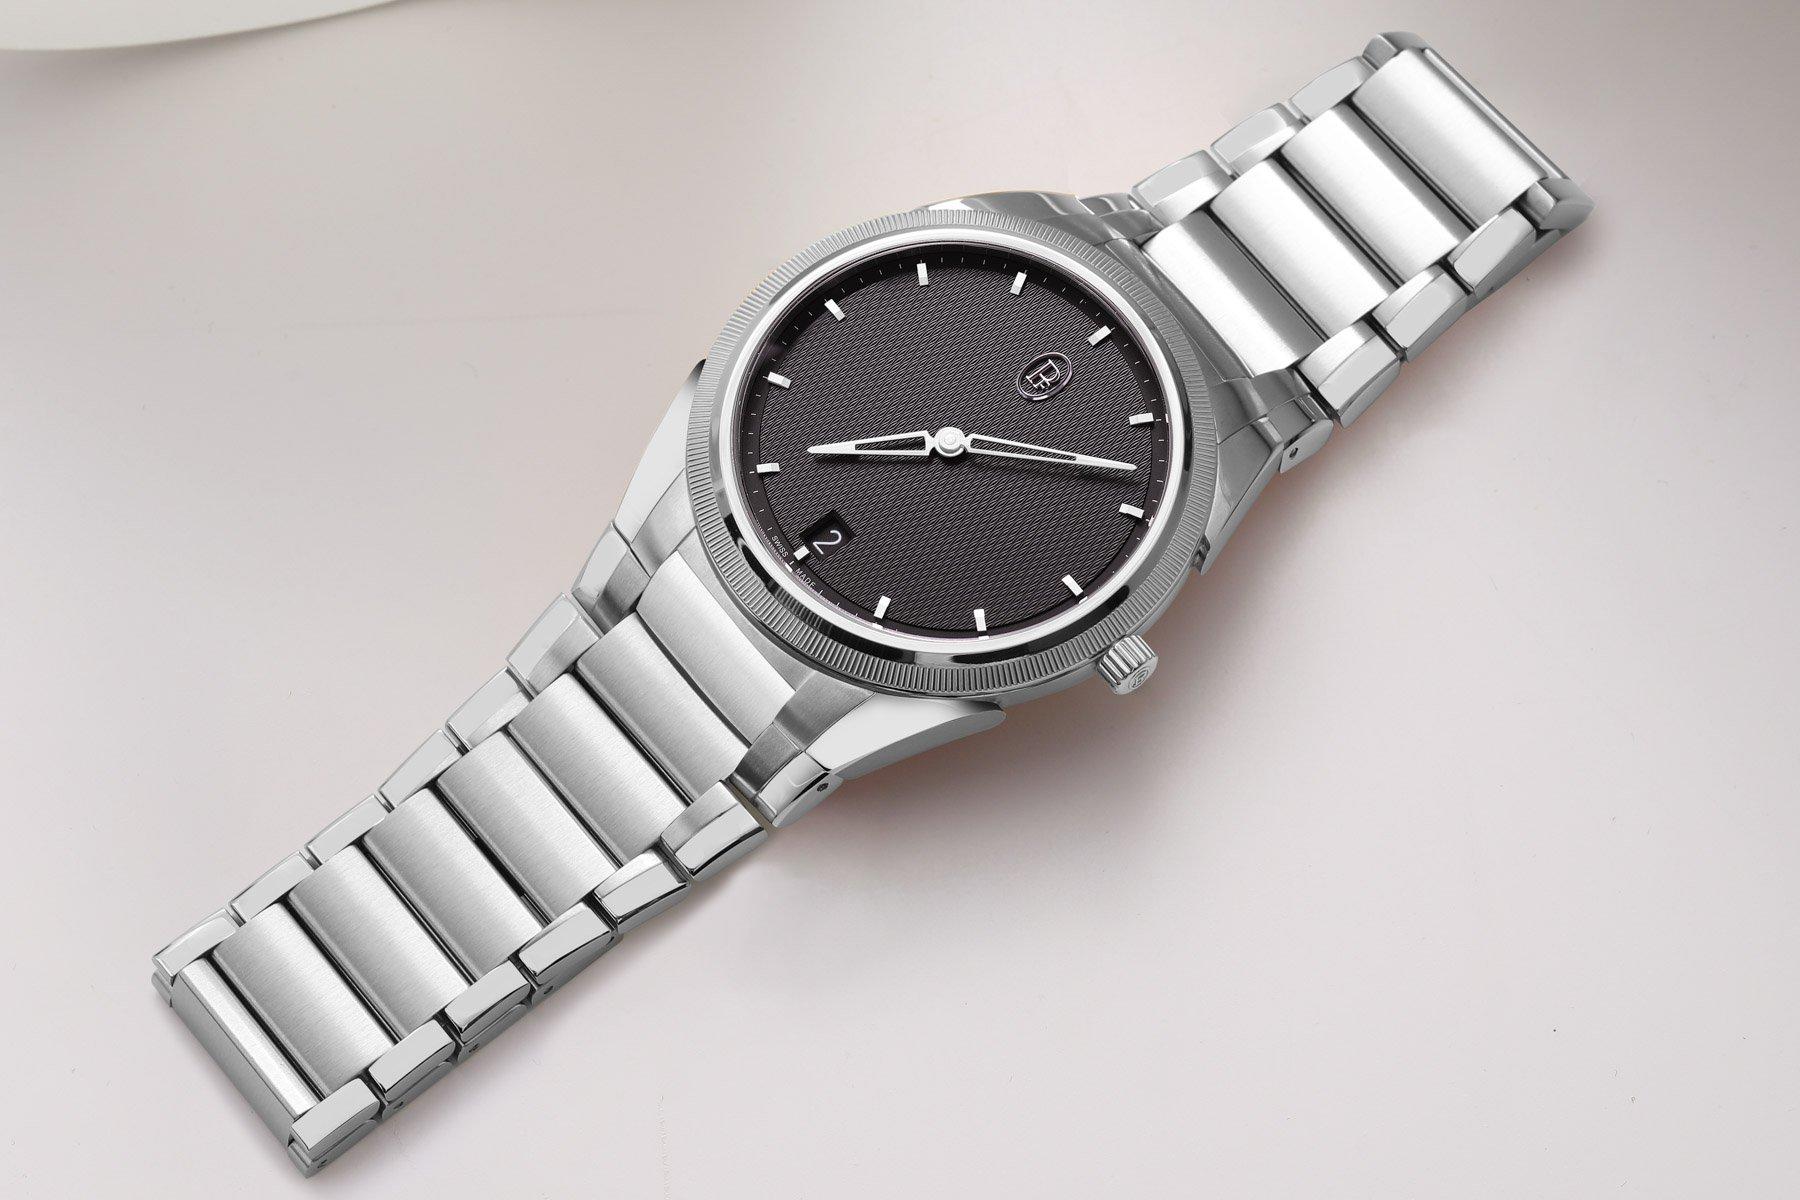 Parmigiani представляет новую коллекцию часов Tonda PF